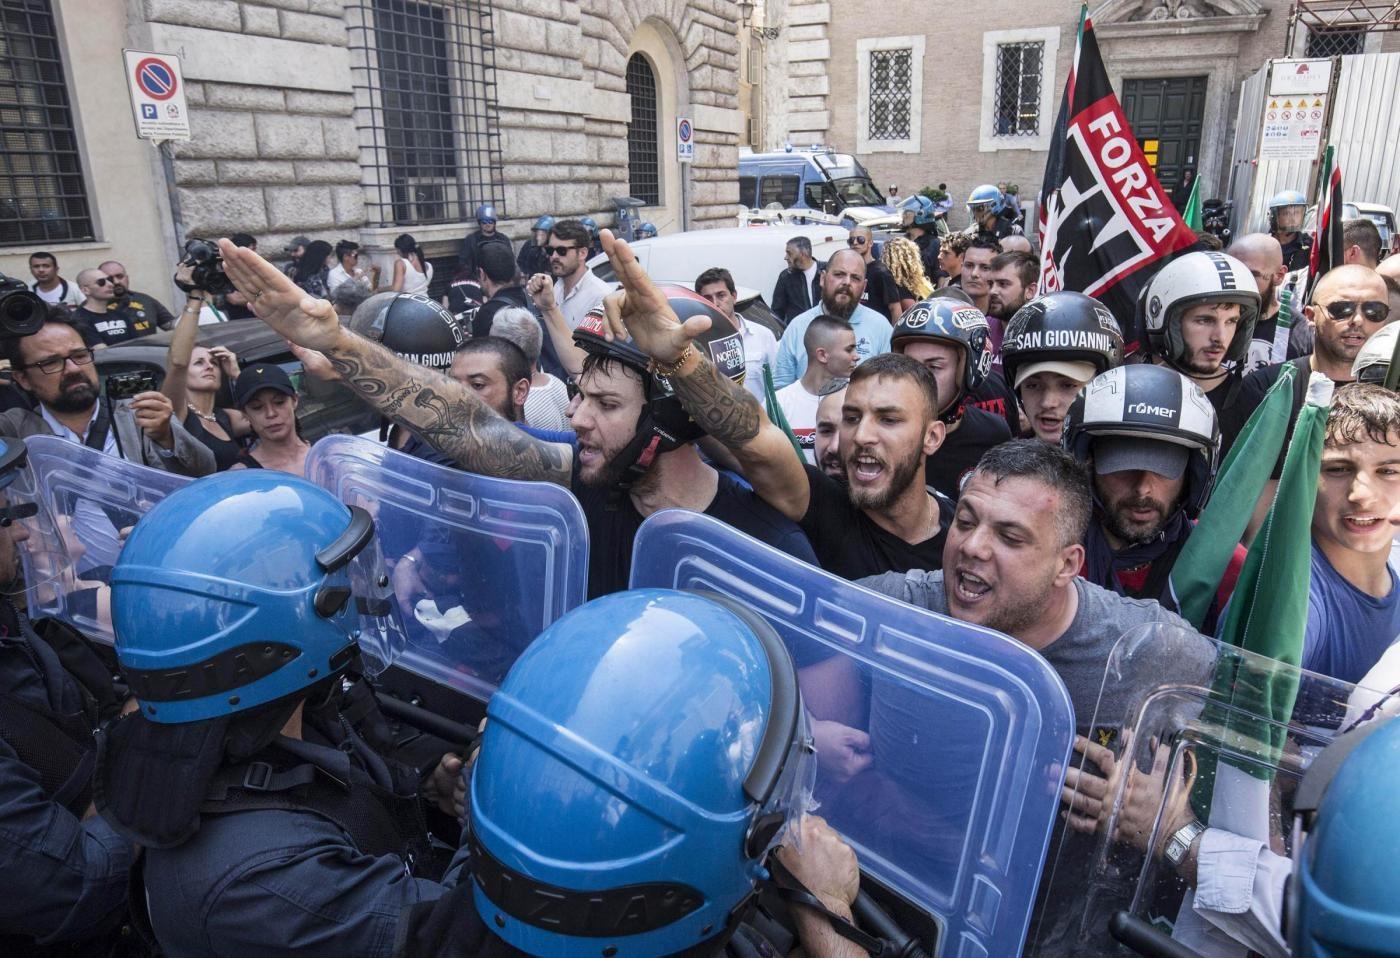 Vietata la manifestazione di Forza Nuova. Raggi: A Roma non c'è spazio per  i fascisti